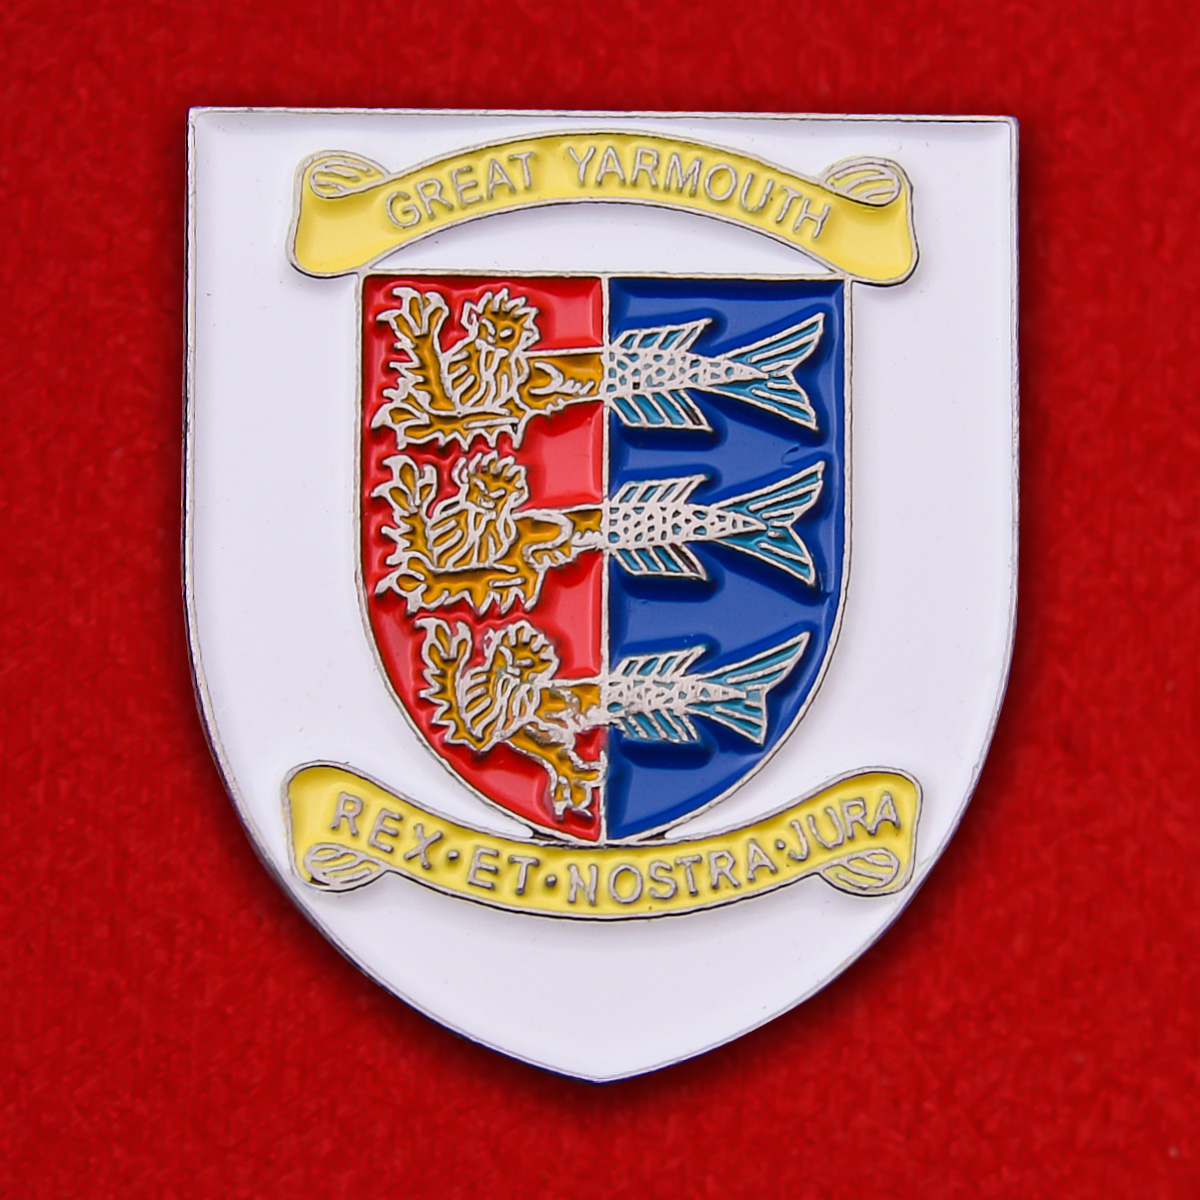 Значок с гербом города Грейт-Ярмут, Великобритания